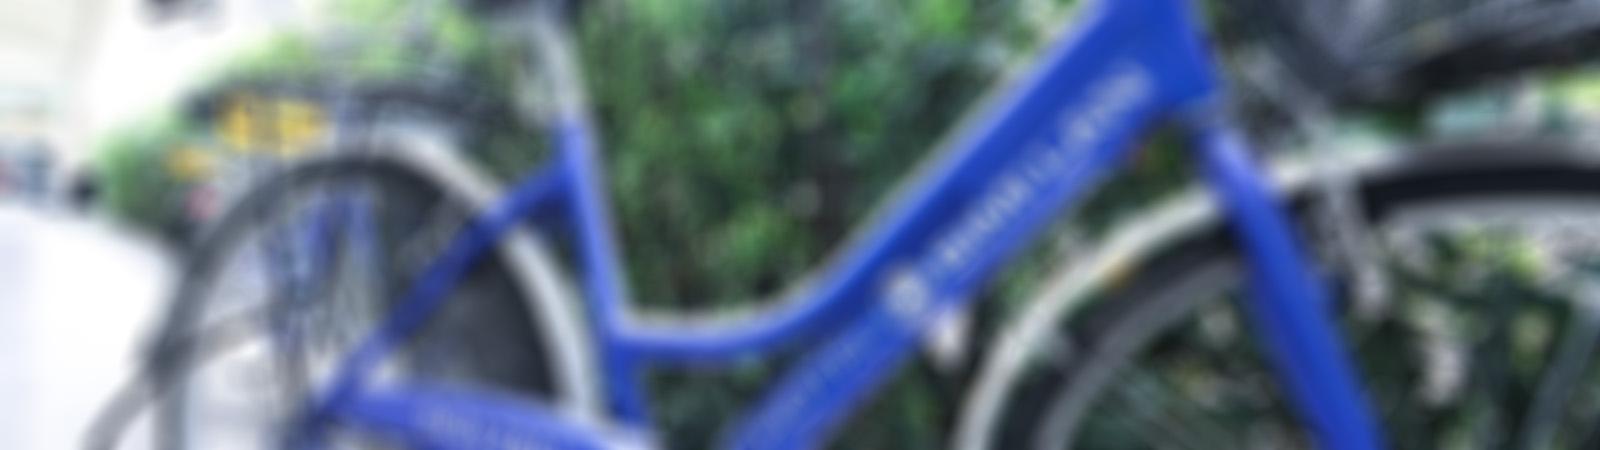 servizio biciclette di hotel similan